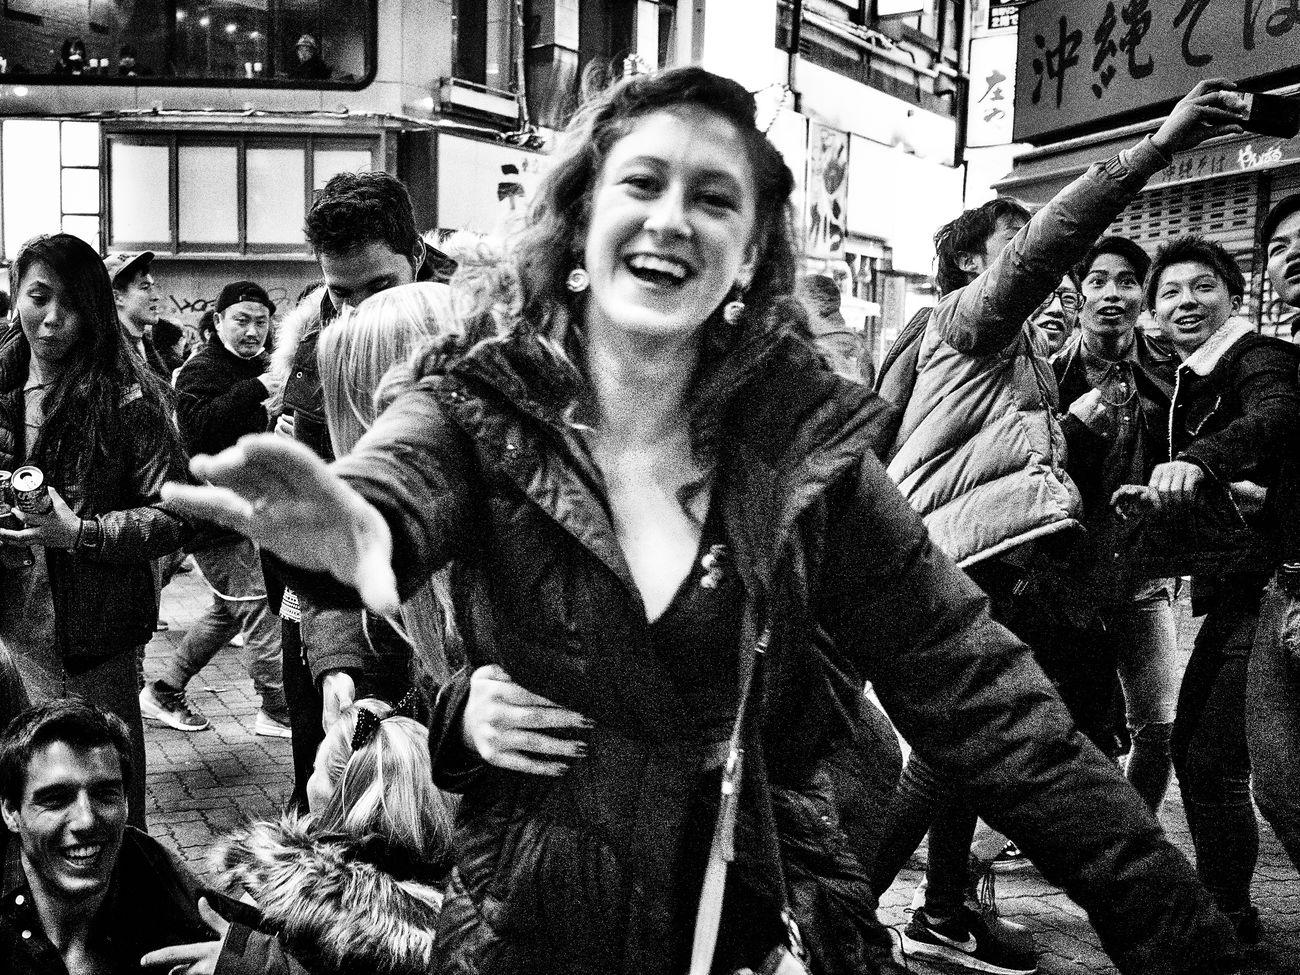 トーキョー・ブルース ~Tokyo Blues~ 渋谷 Shibuya #2 Shibuya SHINJYUKU Sting_the_street Street Street Photography Streetphoto Streetphoto_bw Streetphotographer Streetphotographers Streetphotography Streetphotography_bw Tokyo Tokyo Street Photography Tokyo,Japan